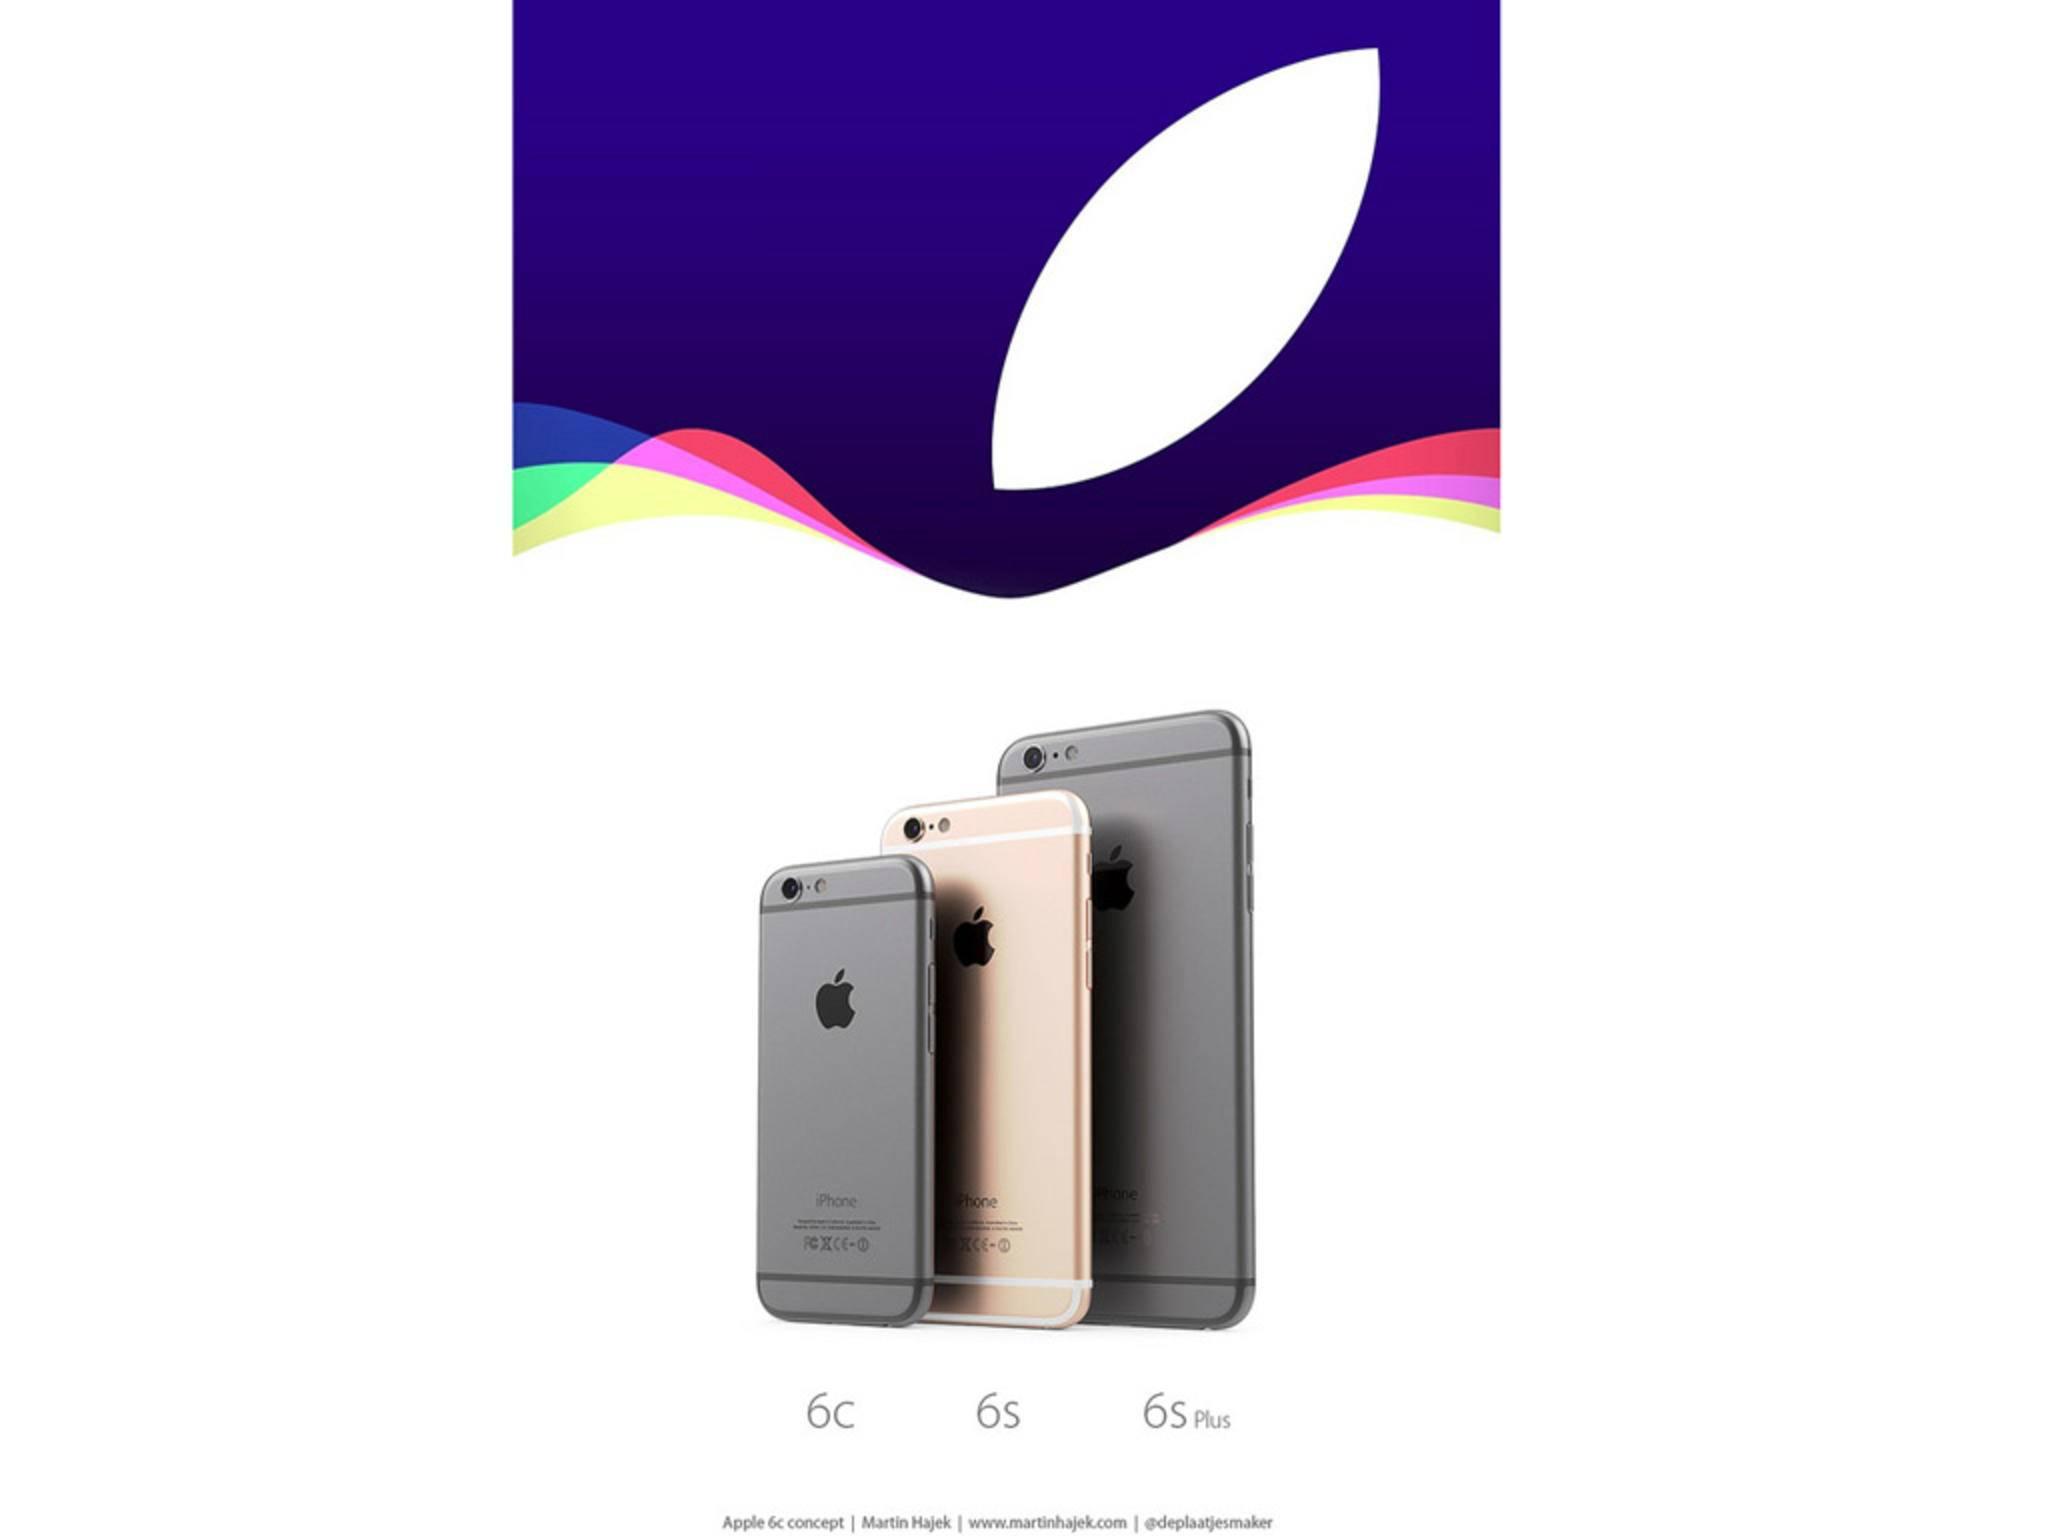 Als gesichert gilt jedoch die iPhone 6s-Vorstellung.